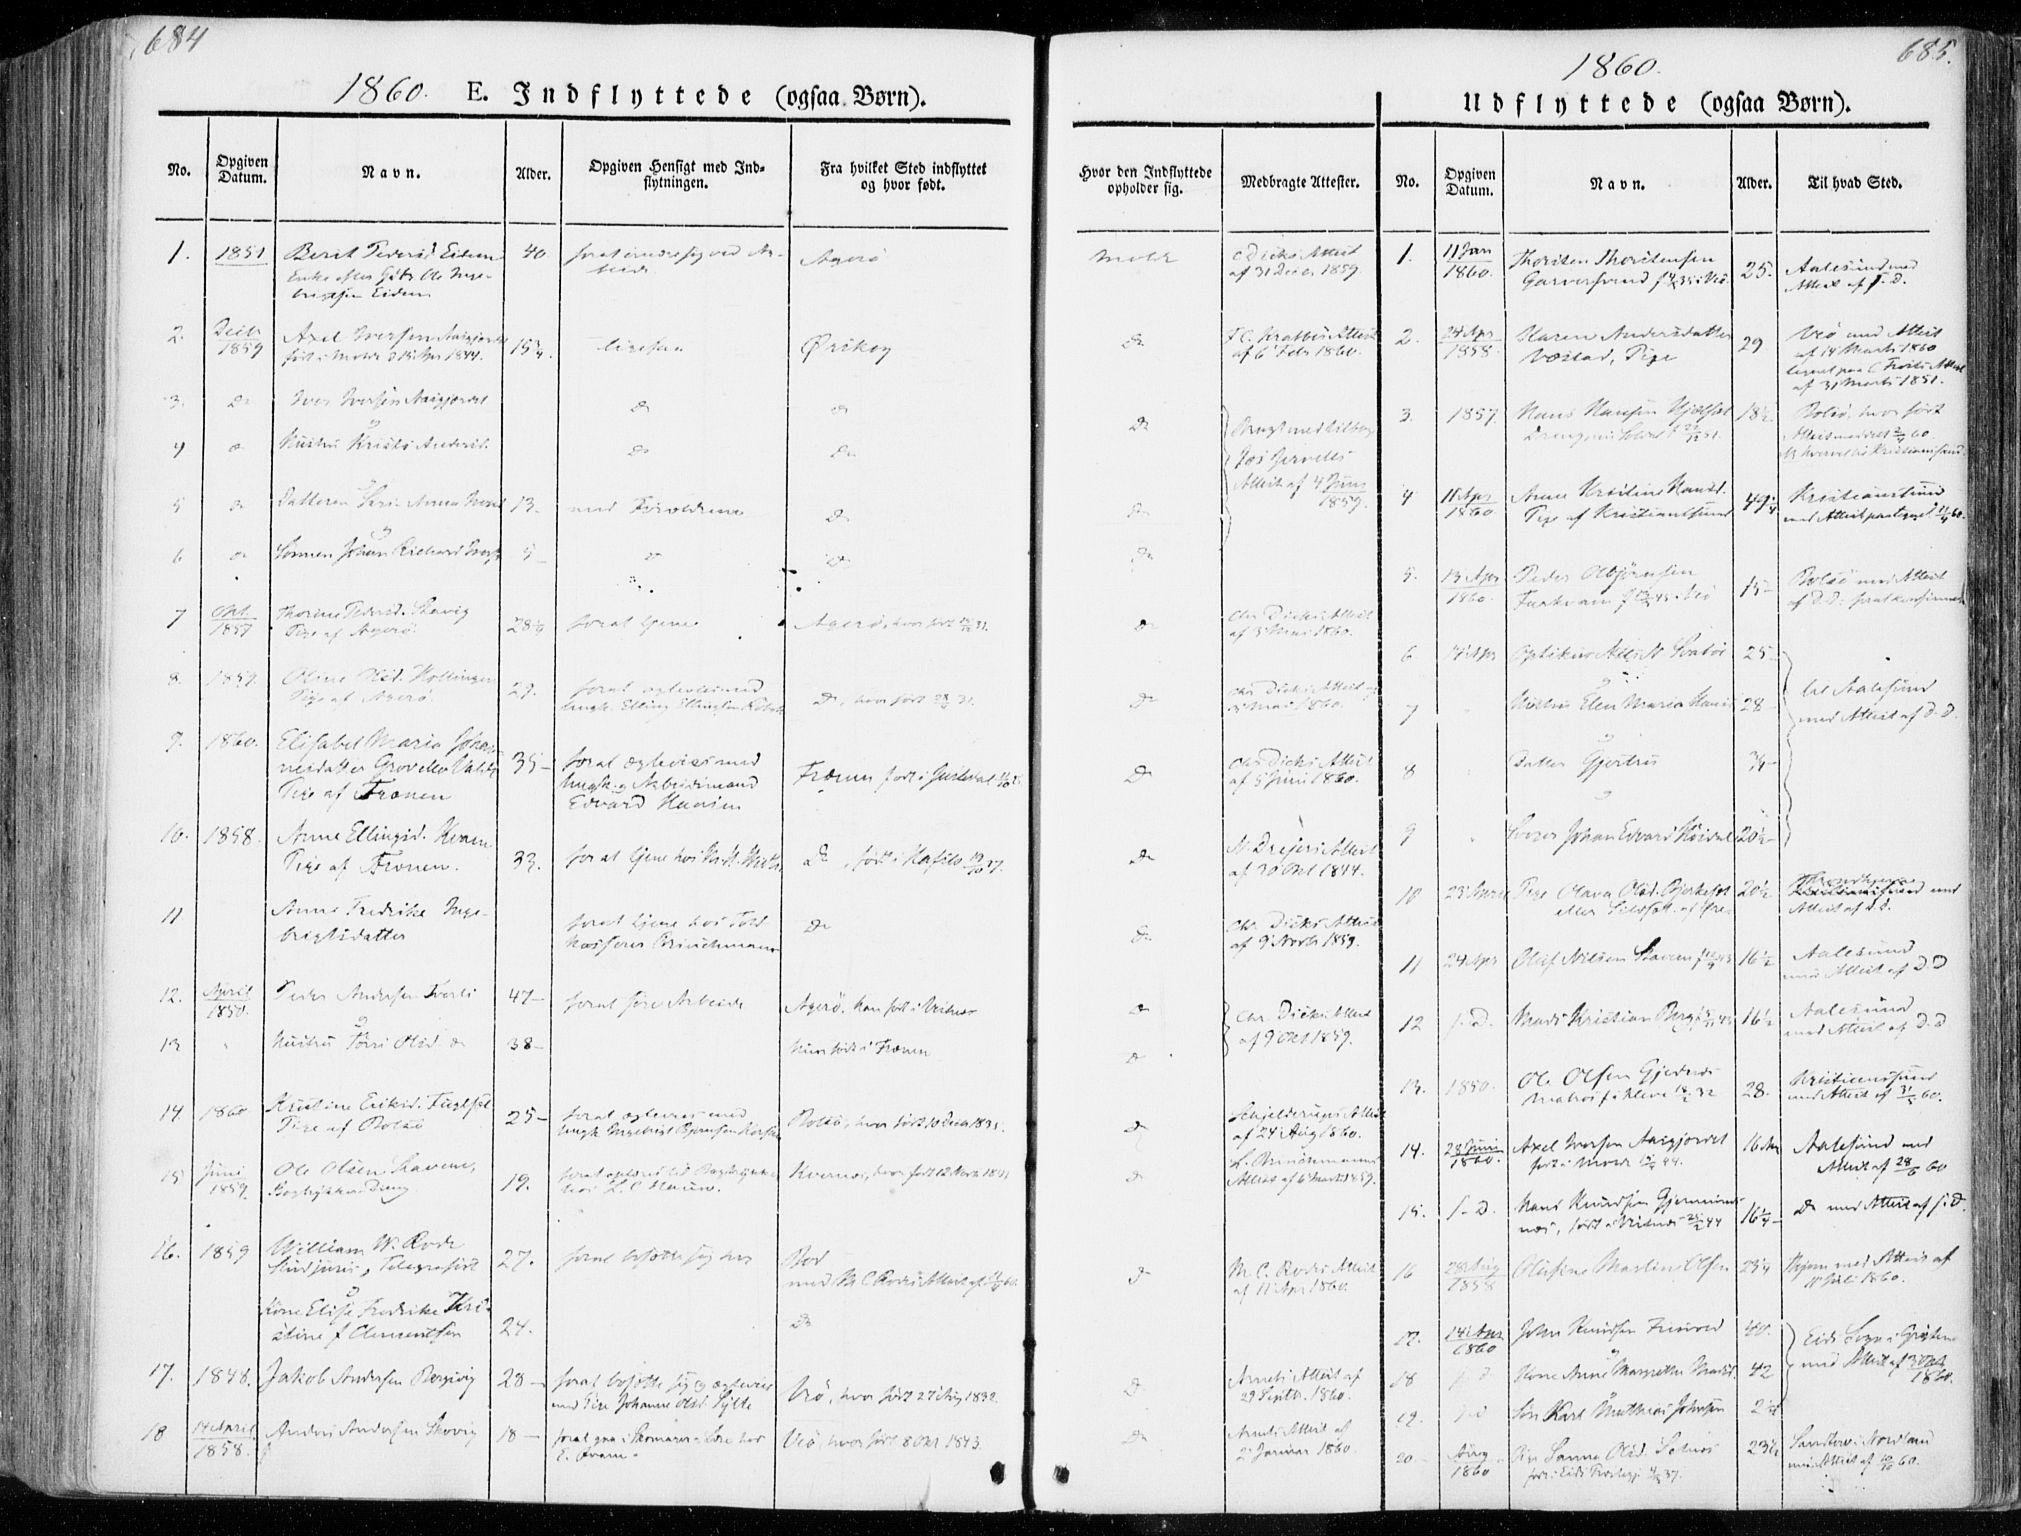 SAT, Ministerialprotokoller, klokkerbøker og fødselsregistre - Møre og Romsdal, 558/L0689: Ministerialbok nr. 558A03, 1843-1872, s. 684-685